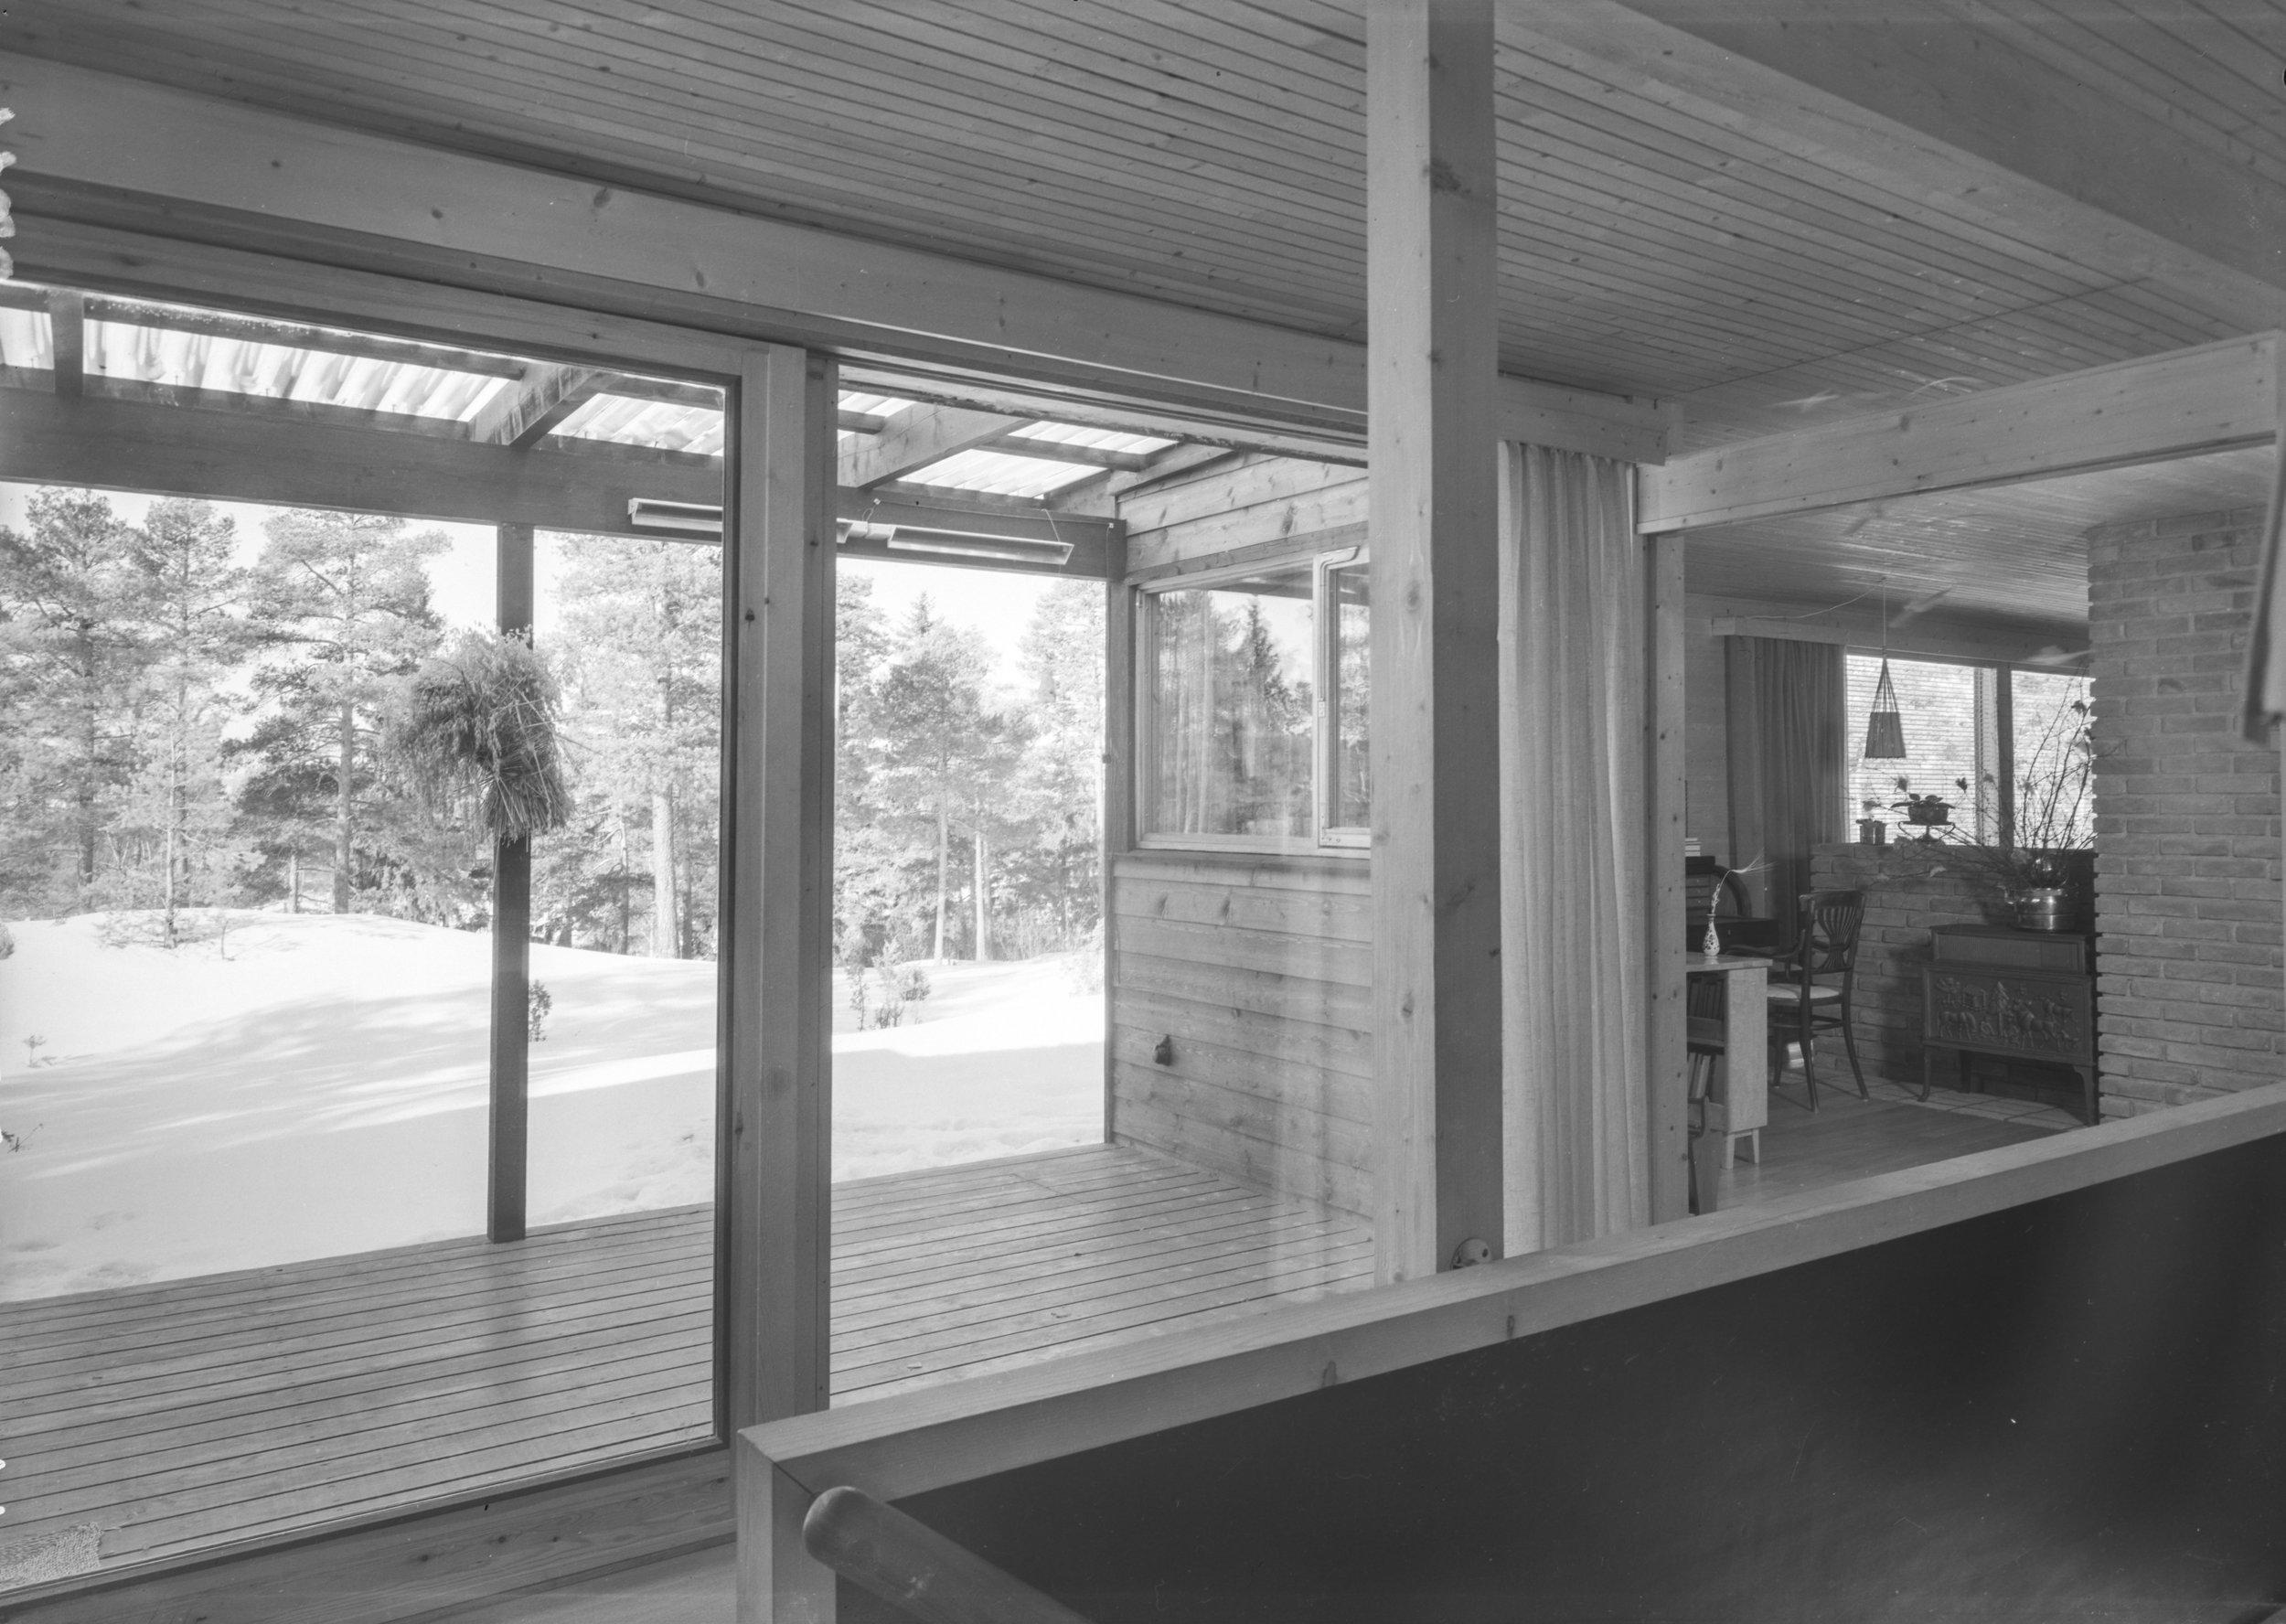 I forbindelse med +Kote #10 intervjuet Alf Jørgen Schnell kunsthistoriker Julie Leding om hennes undersøkelse av vinduer og makt. Alle bilder i teksten er av arkitektparet Molle (1922-1986) og Per Cappelens (1922-1978) Enebolig for Lindboe (1960), som Leding beskriver i sin studie. Fotografiet viser boligens glassvegg ut mot hagearealet. Alle foto: Teigens Fotoatelier / DEXRA Photo.